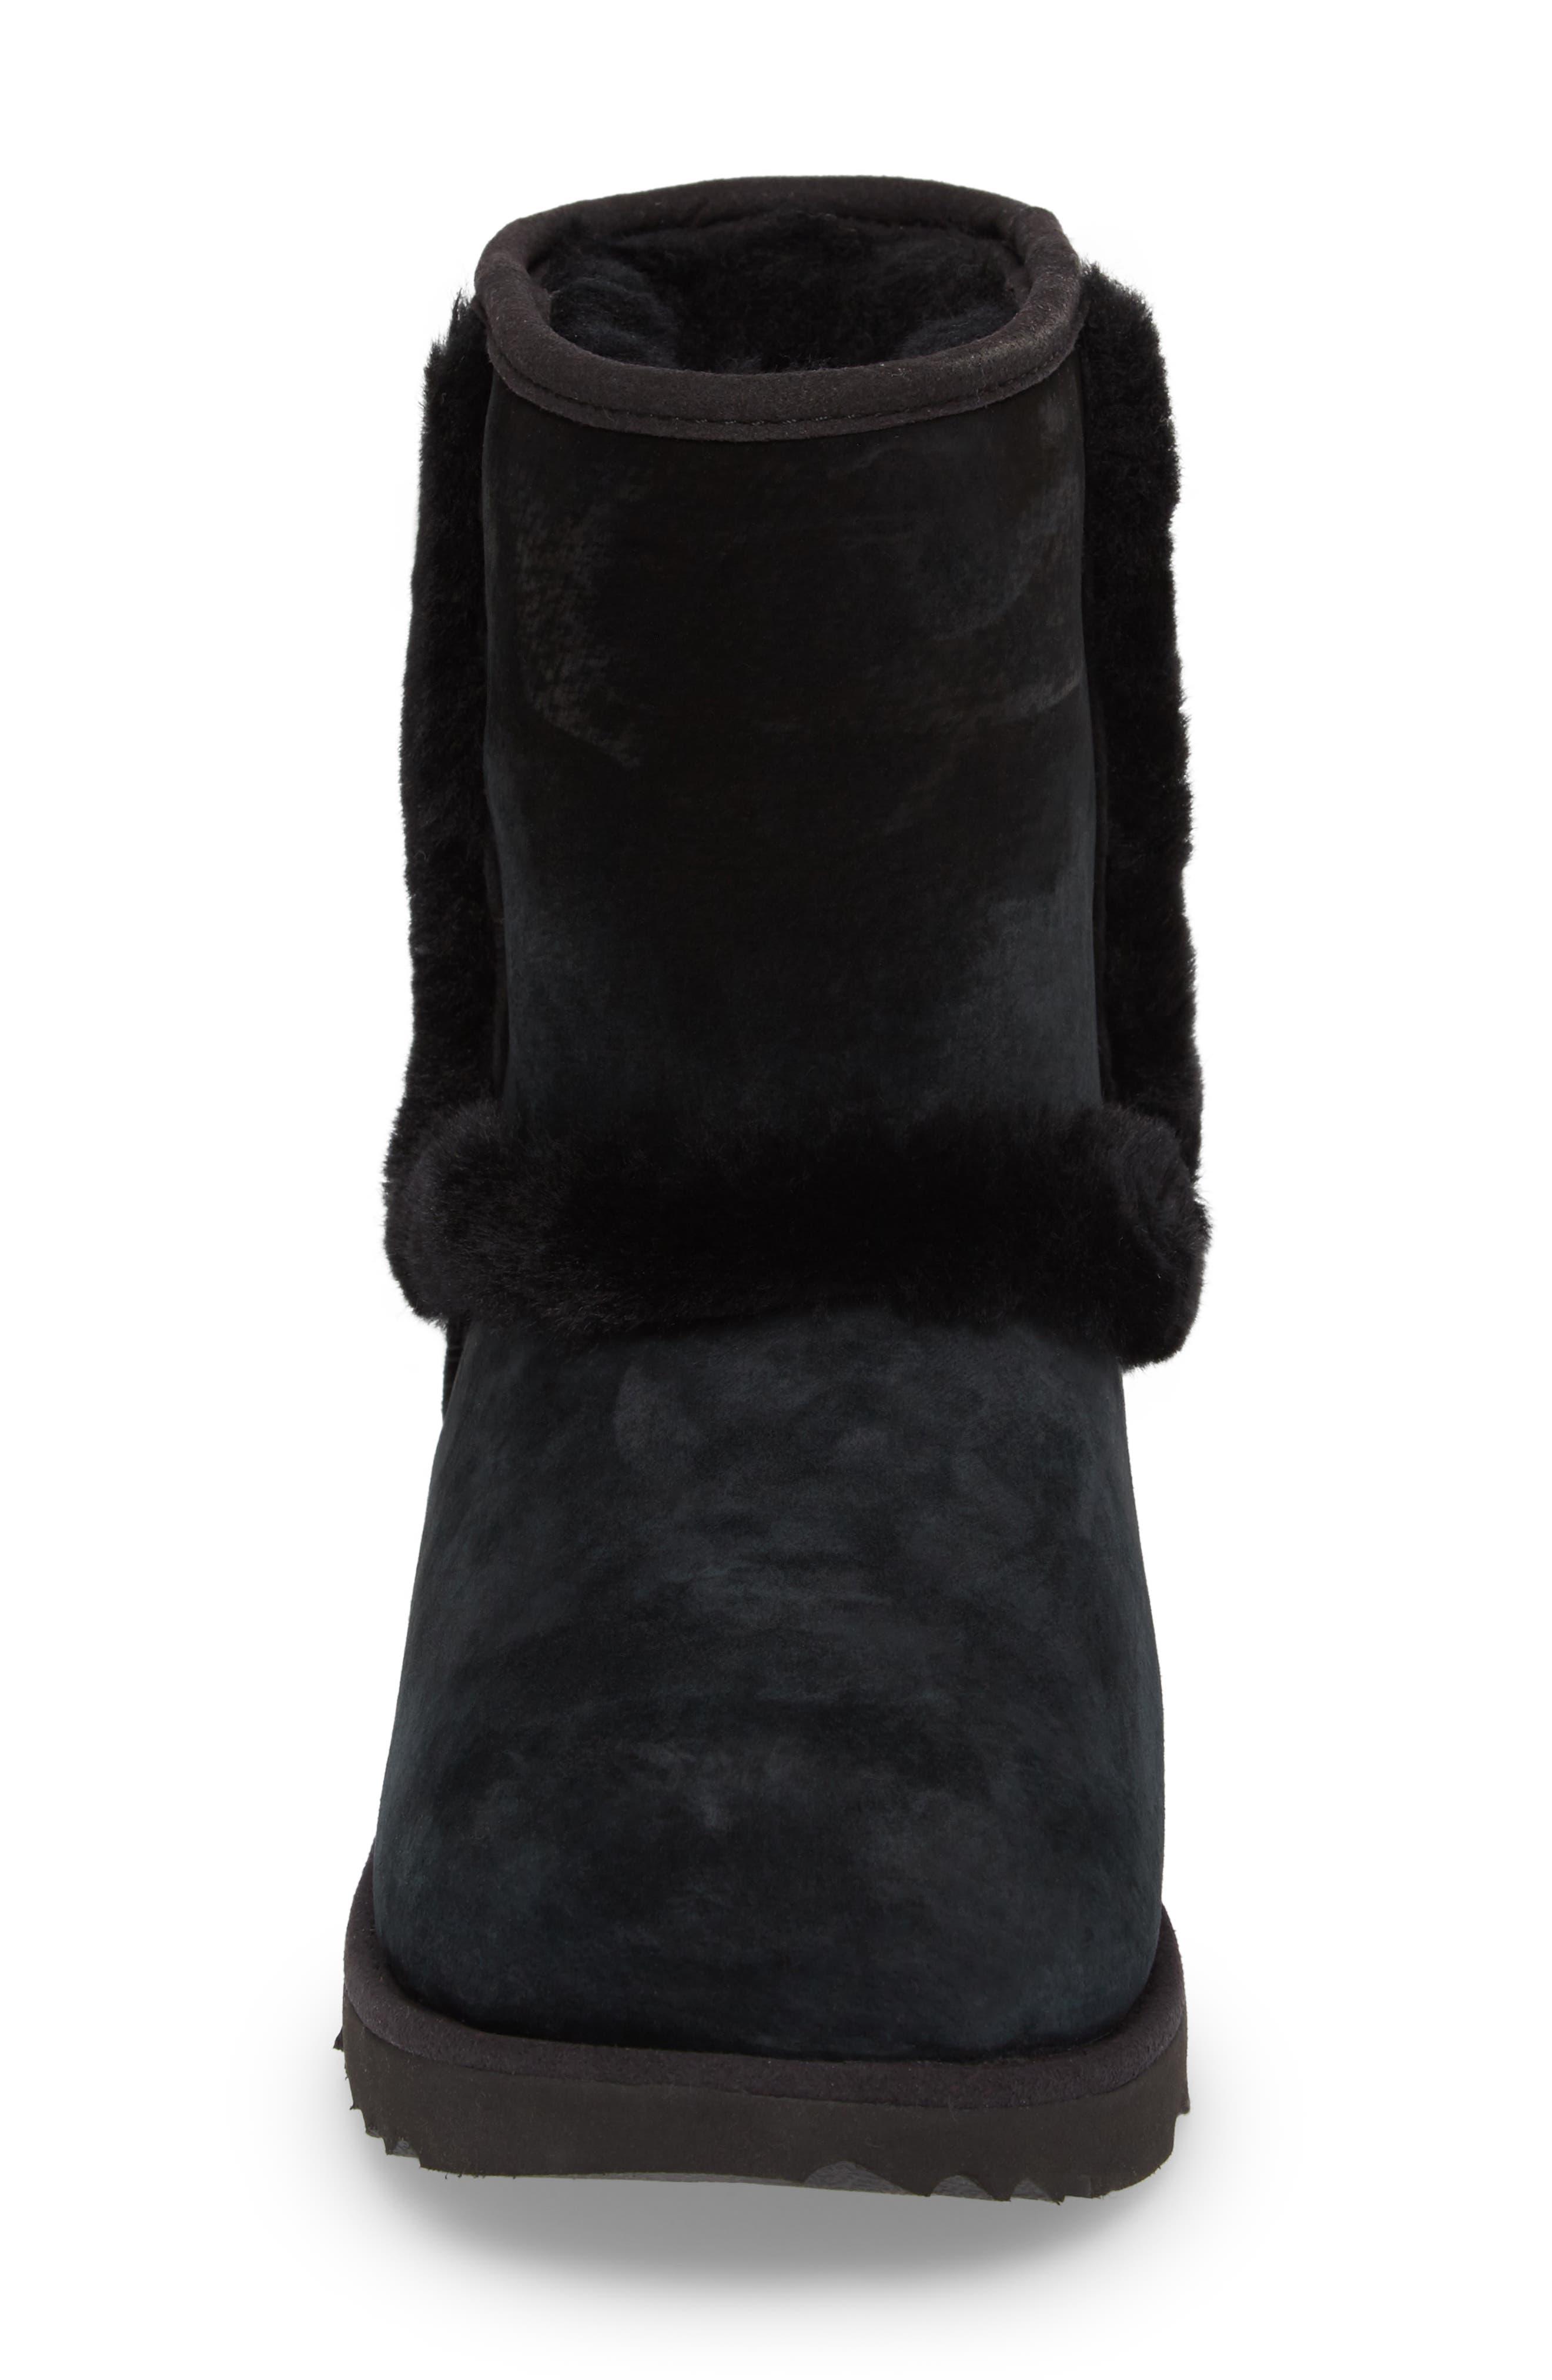 Hadley II Waterproof Boot,                             Alternate thumbnail 4, color,                             Black